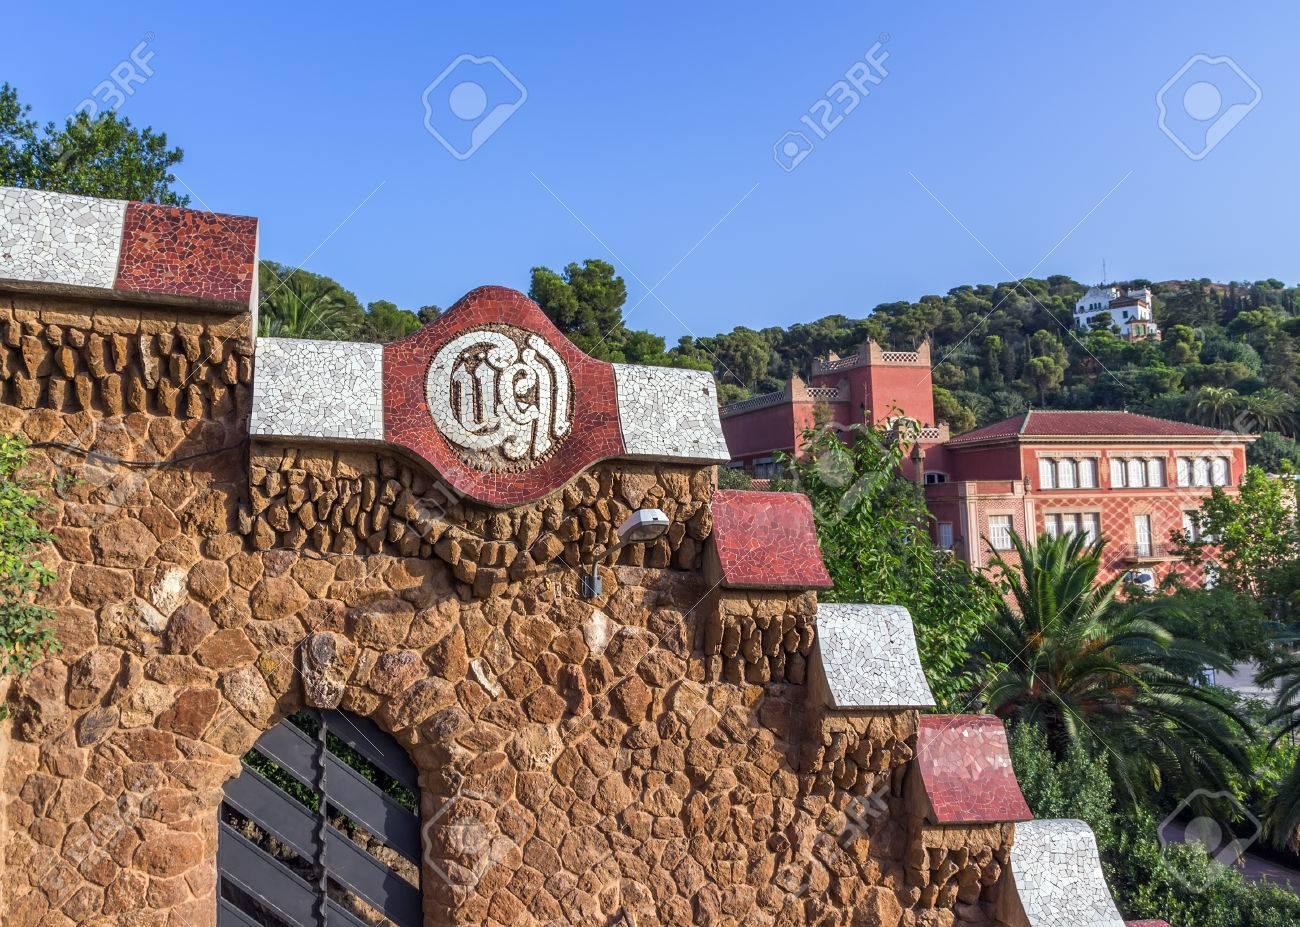 Stenen Muur Tuin : Muur steen in de tuin mozaïek in het parc guell ontworpen door